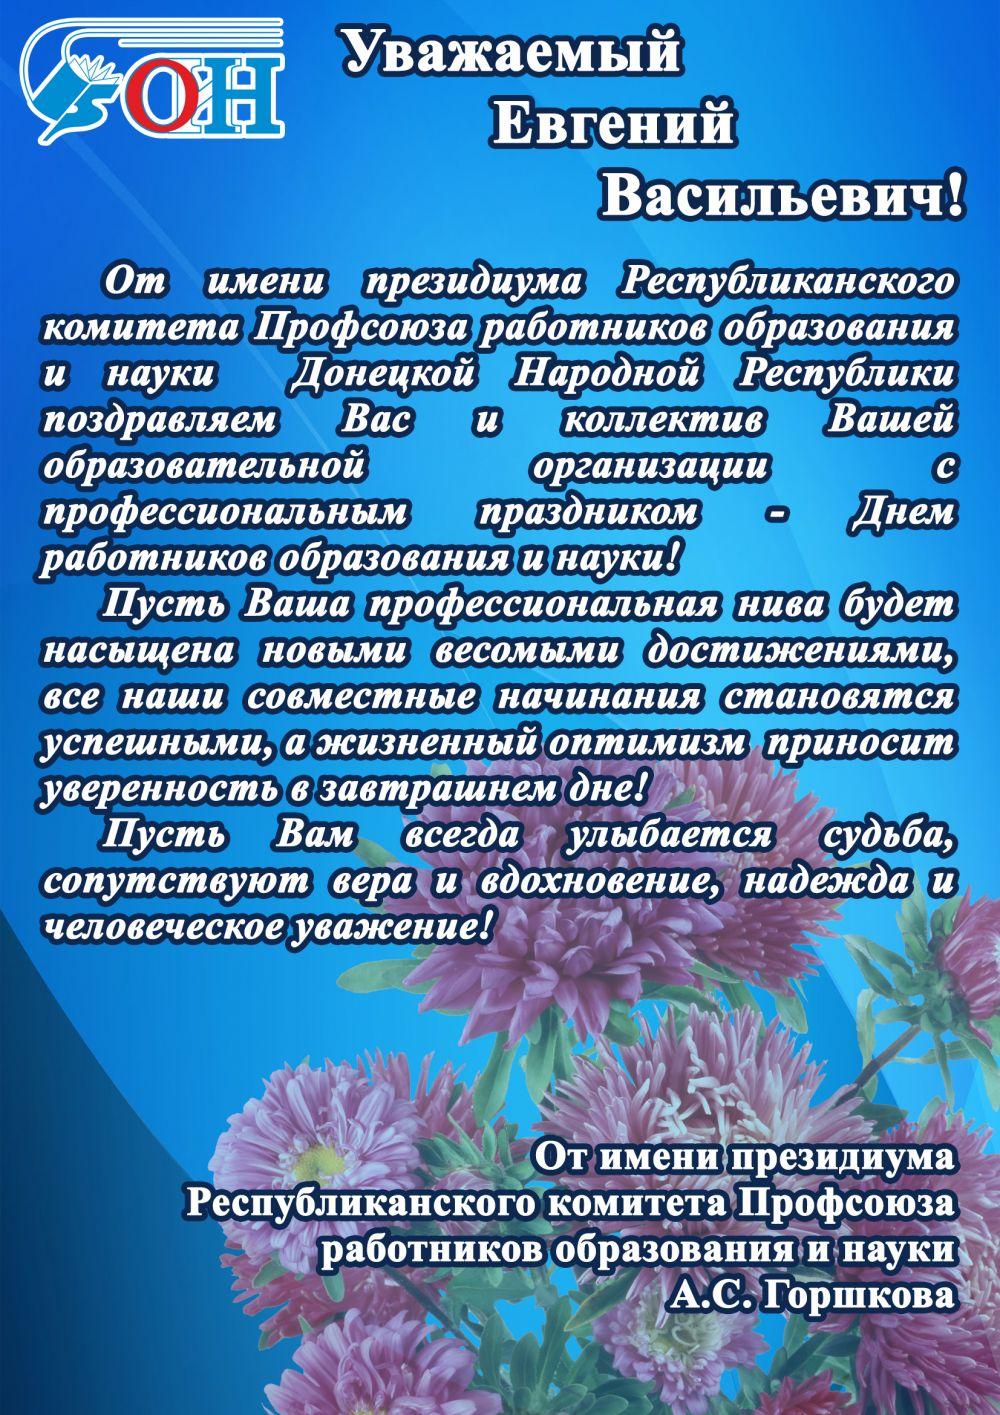 День работников образования поздравления